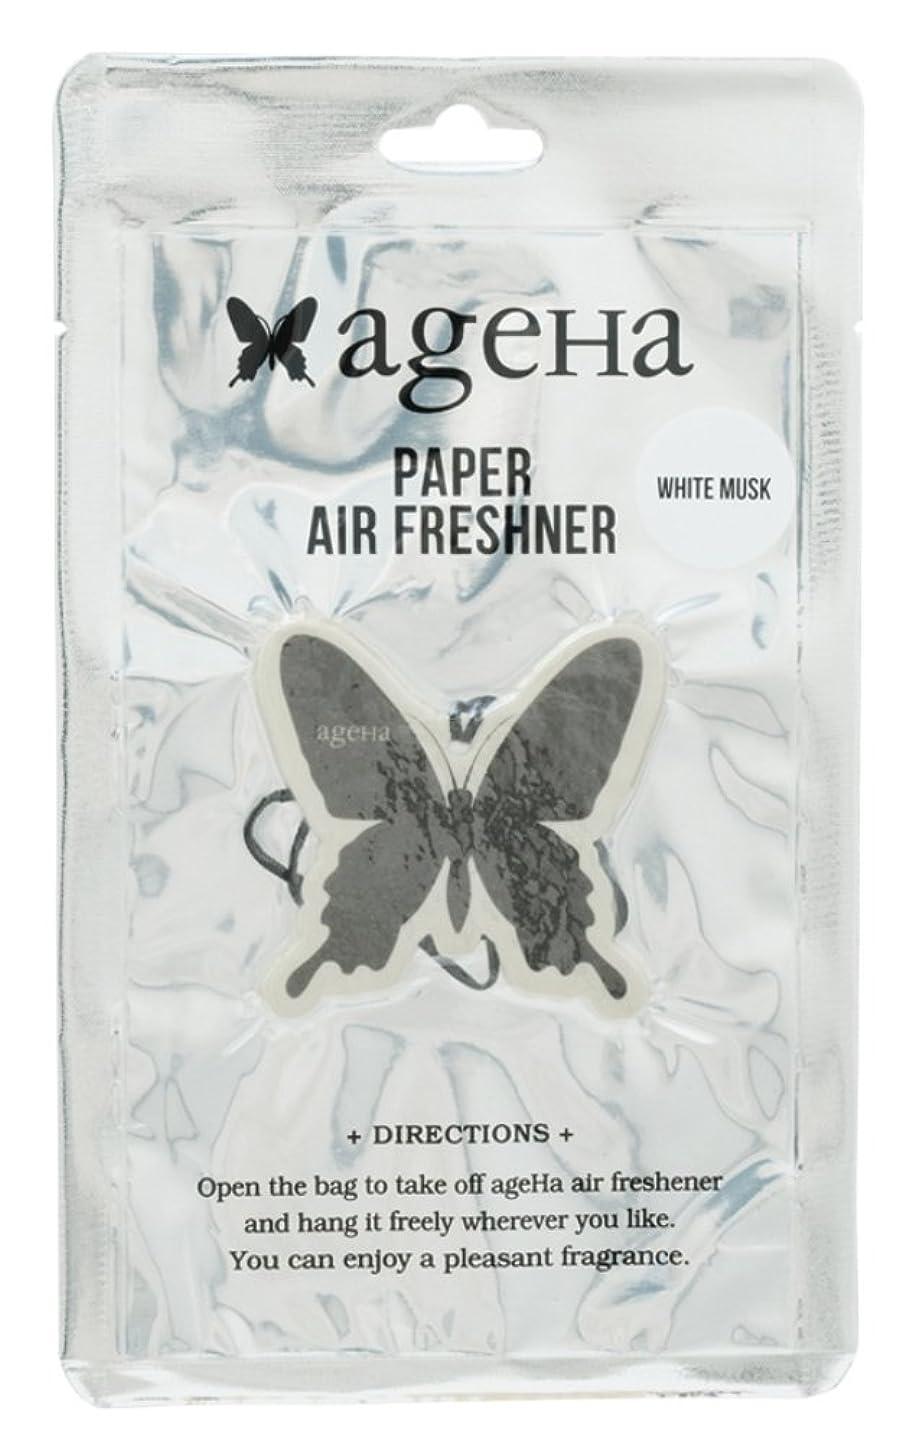 聖域ラウンジ石鹸ageha エアーフレッシュナー バタフライ 吊り下げ ホワイトムスクの香り OA-AGE-3-3